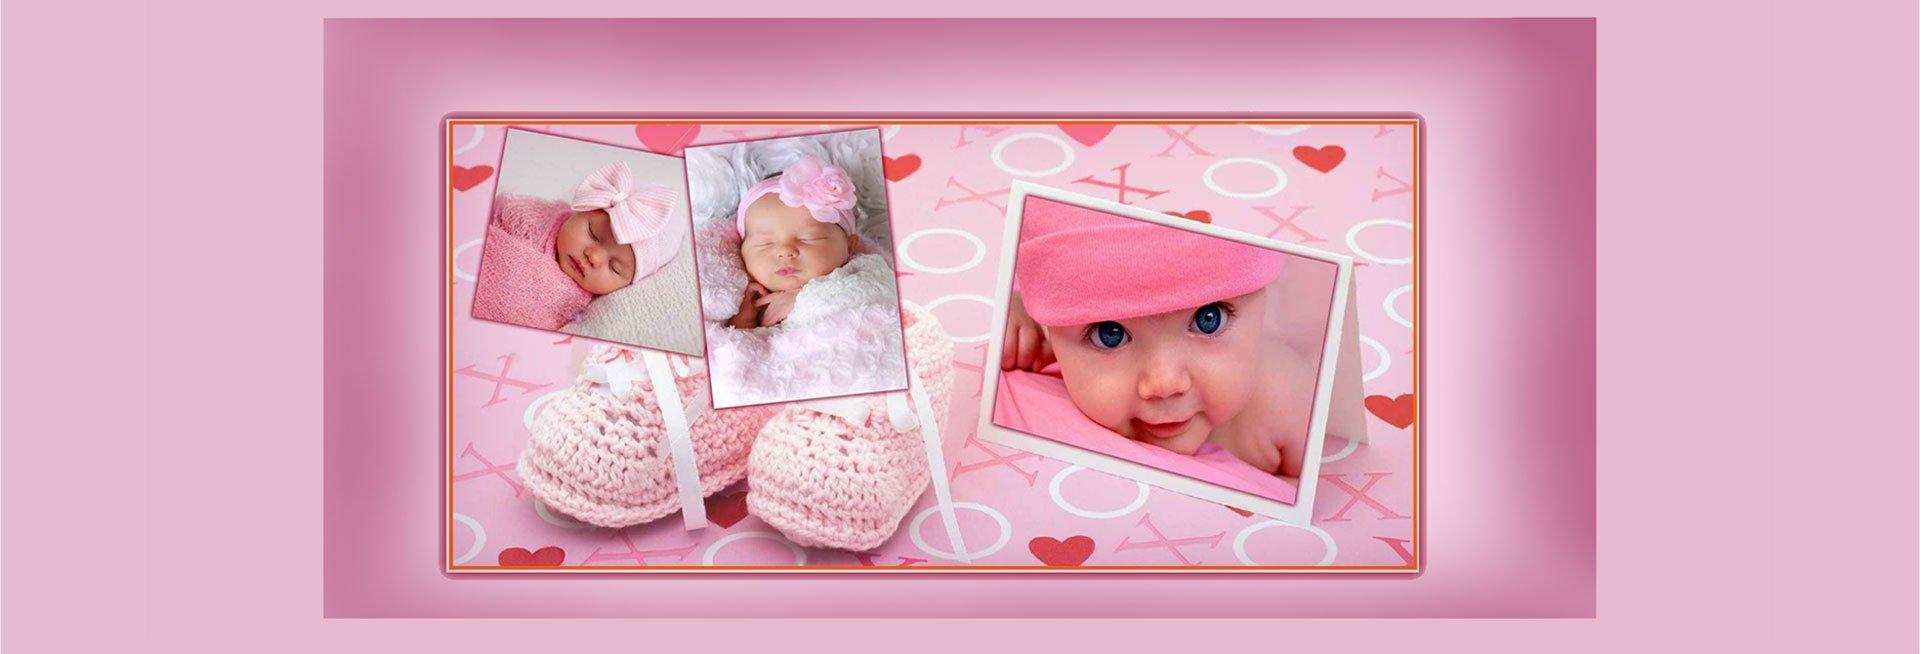 baby photography 2 2 2 - نکات عکاسی از کودک و نوزاد